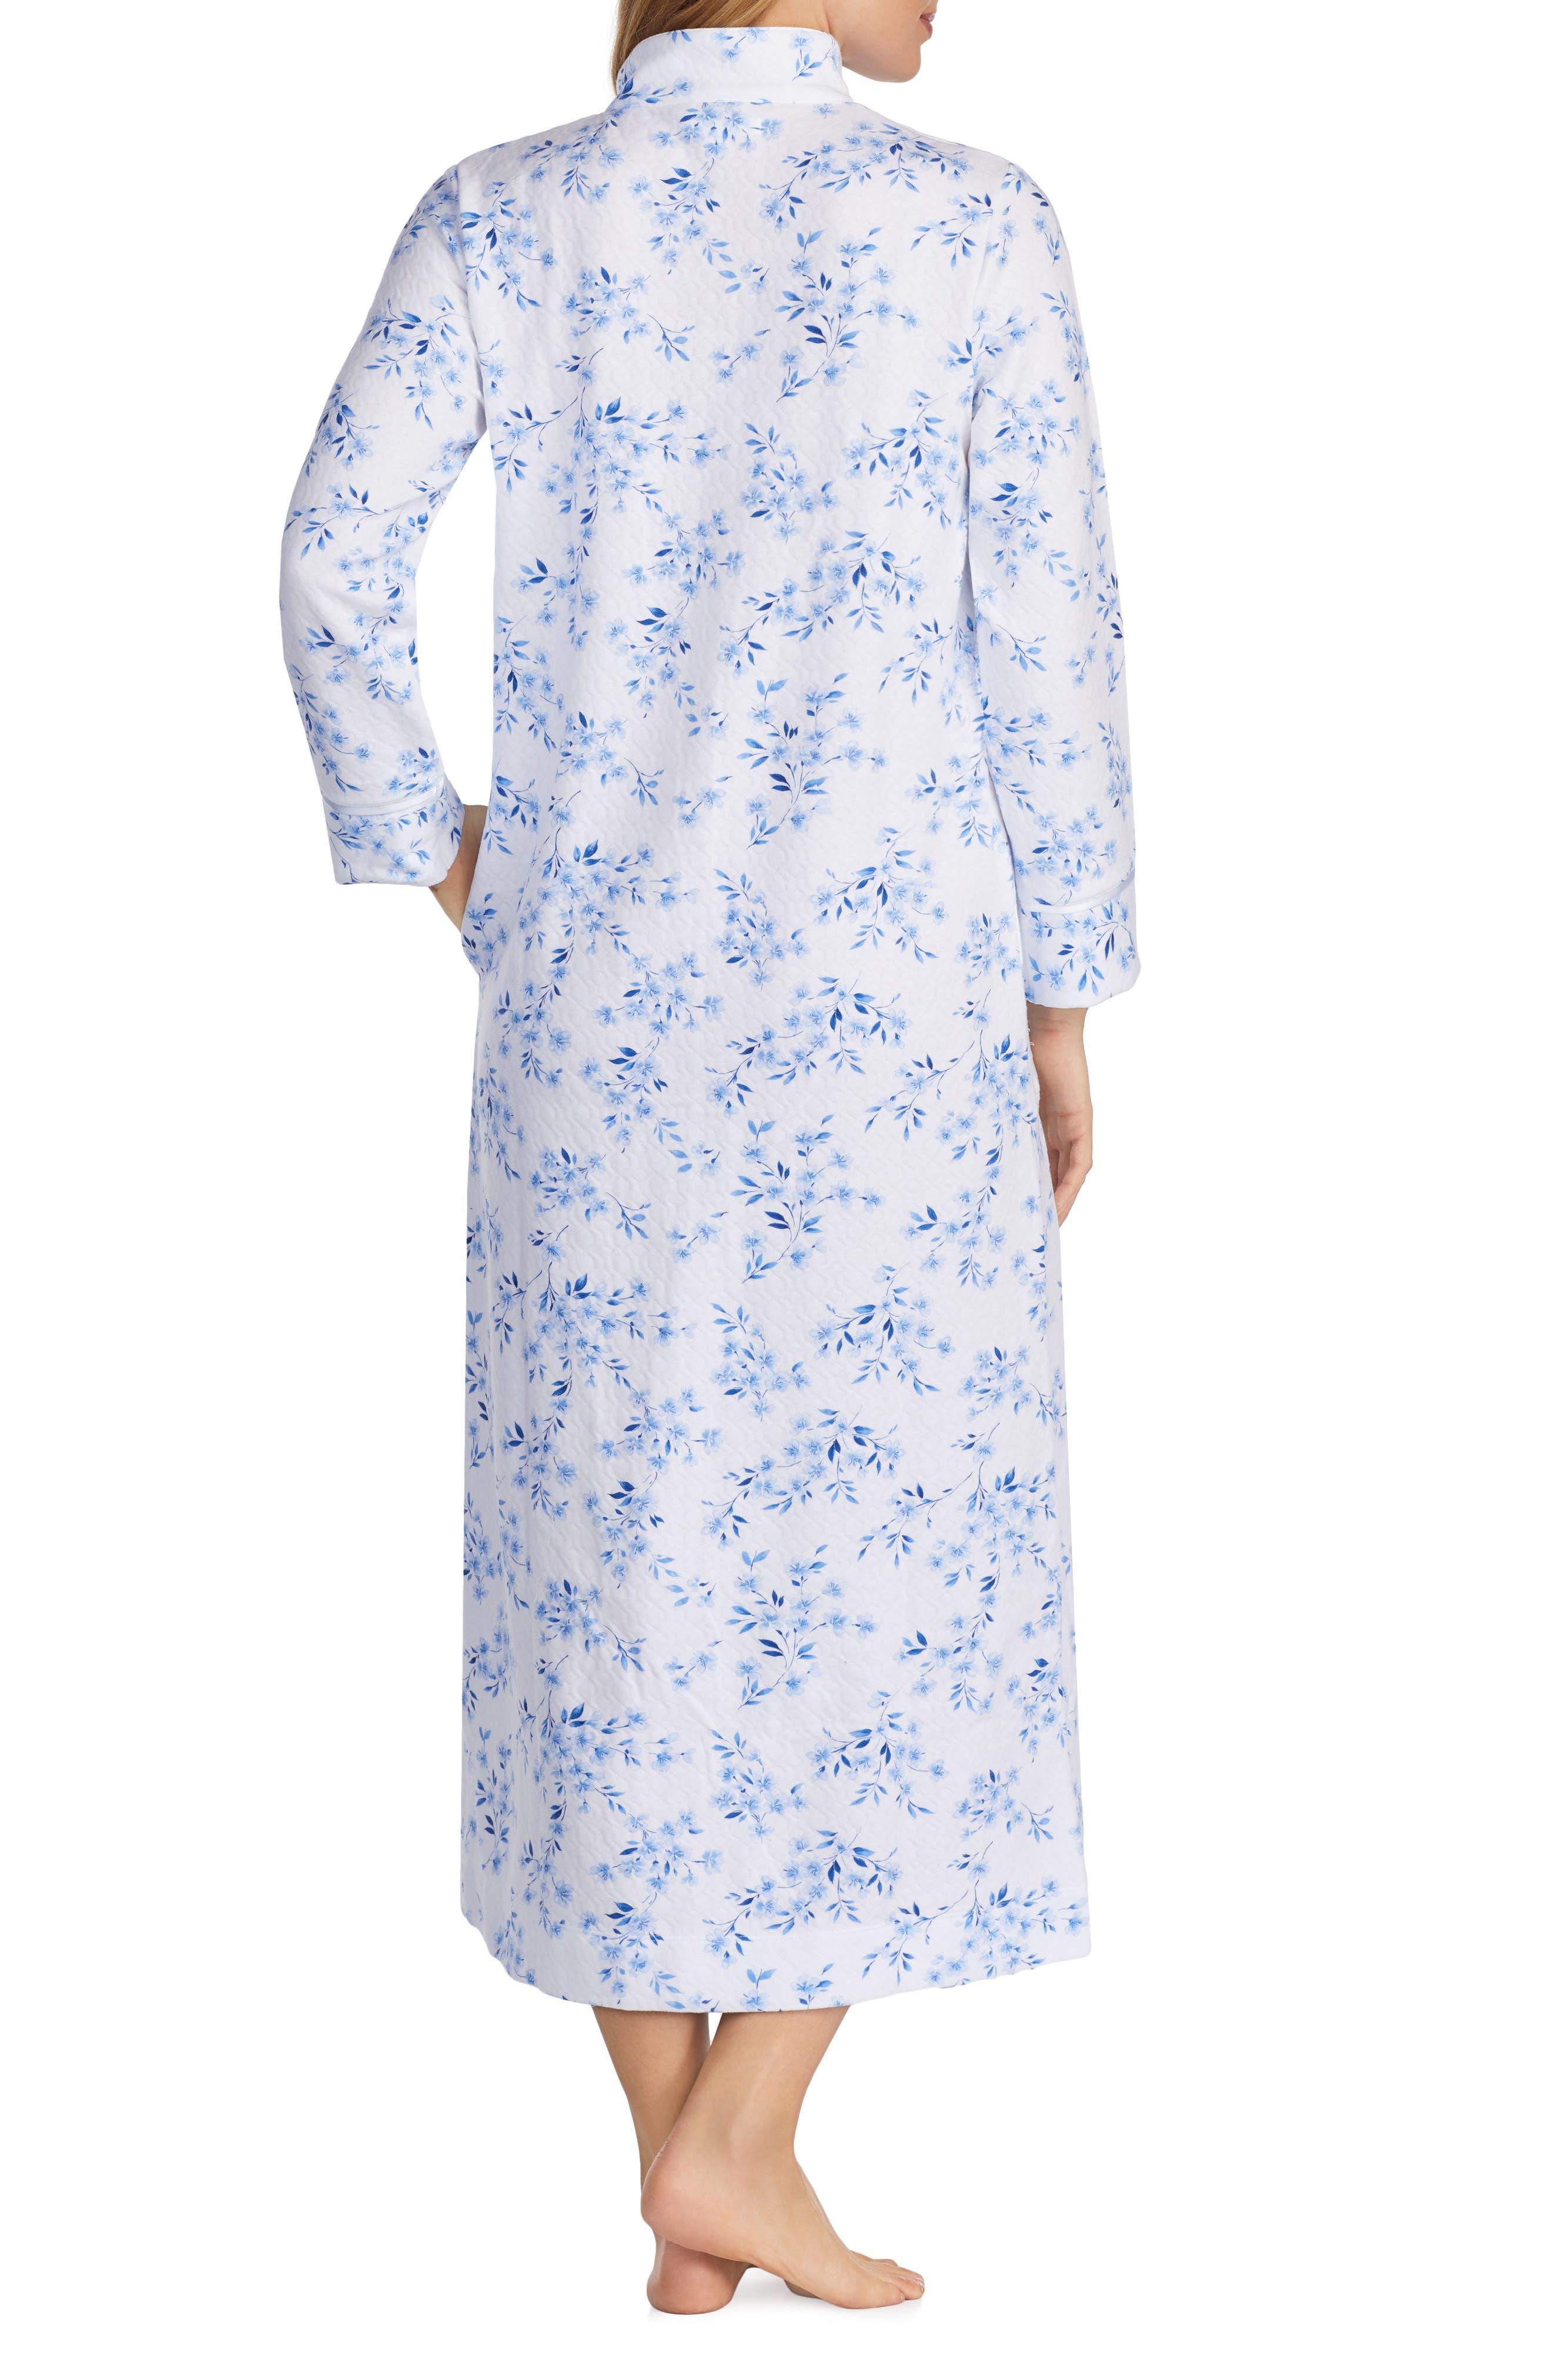 Women\'s Carole Hochman Sleepwear, Lounge & Robes | Nordstrom